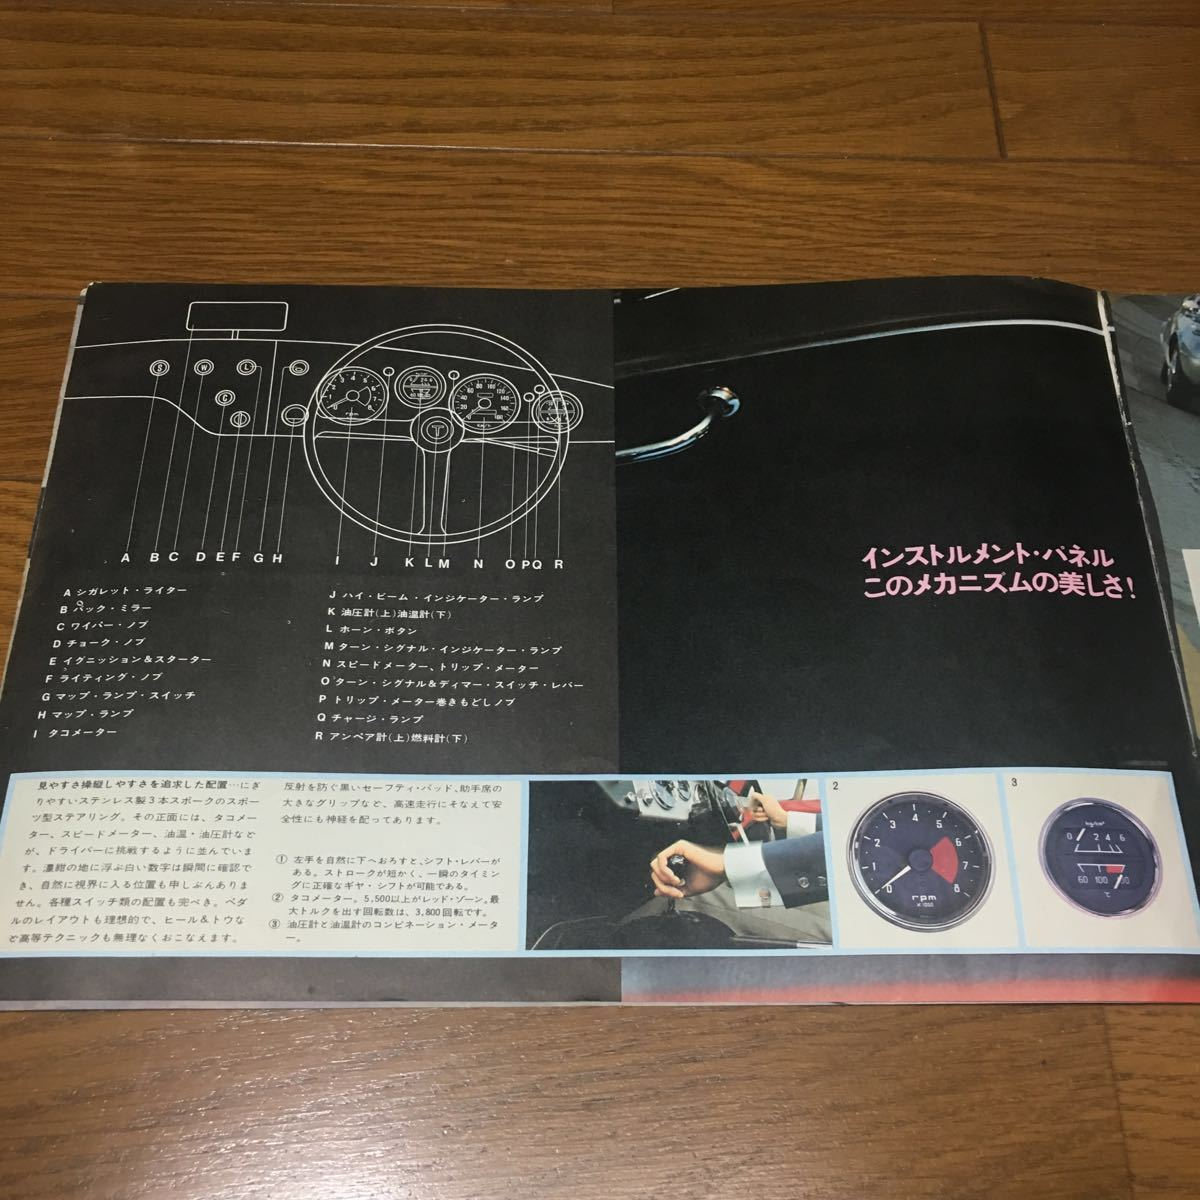 復刻版ではございません 絶版 旧車カタログ トヨタ スポーツ800 ヨタハチ 当時物 昭和 希少 貴重 美品_画像3